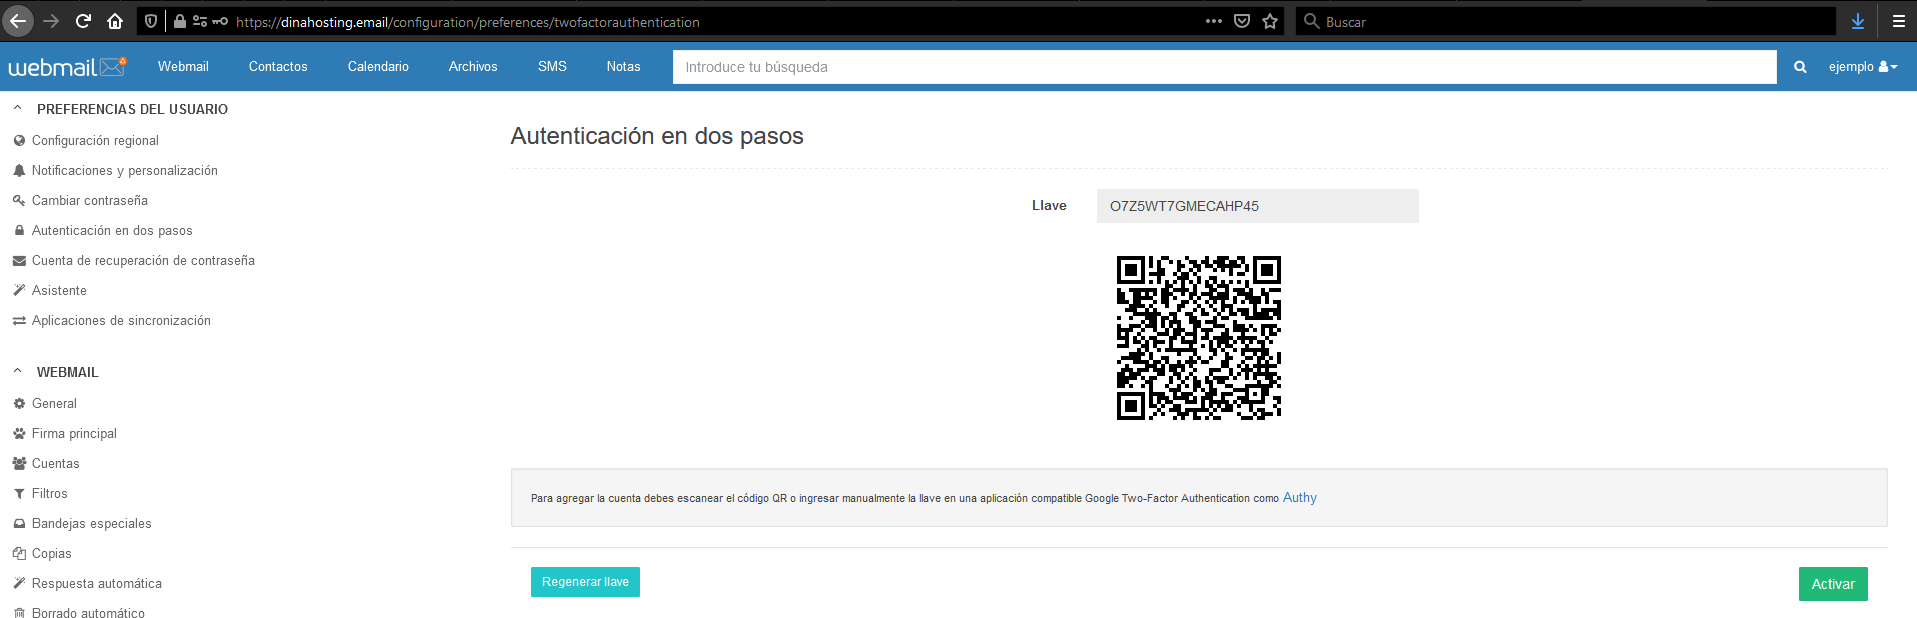 2FA Webmail